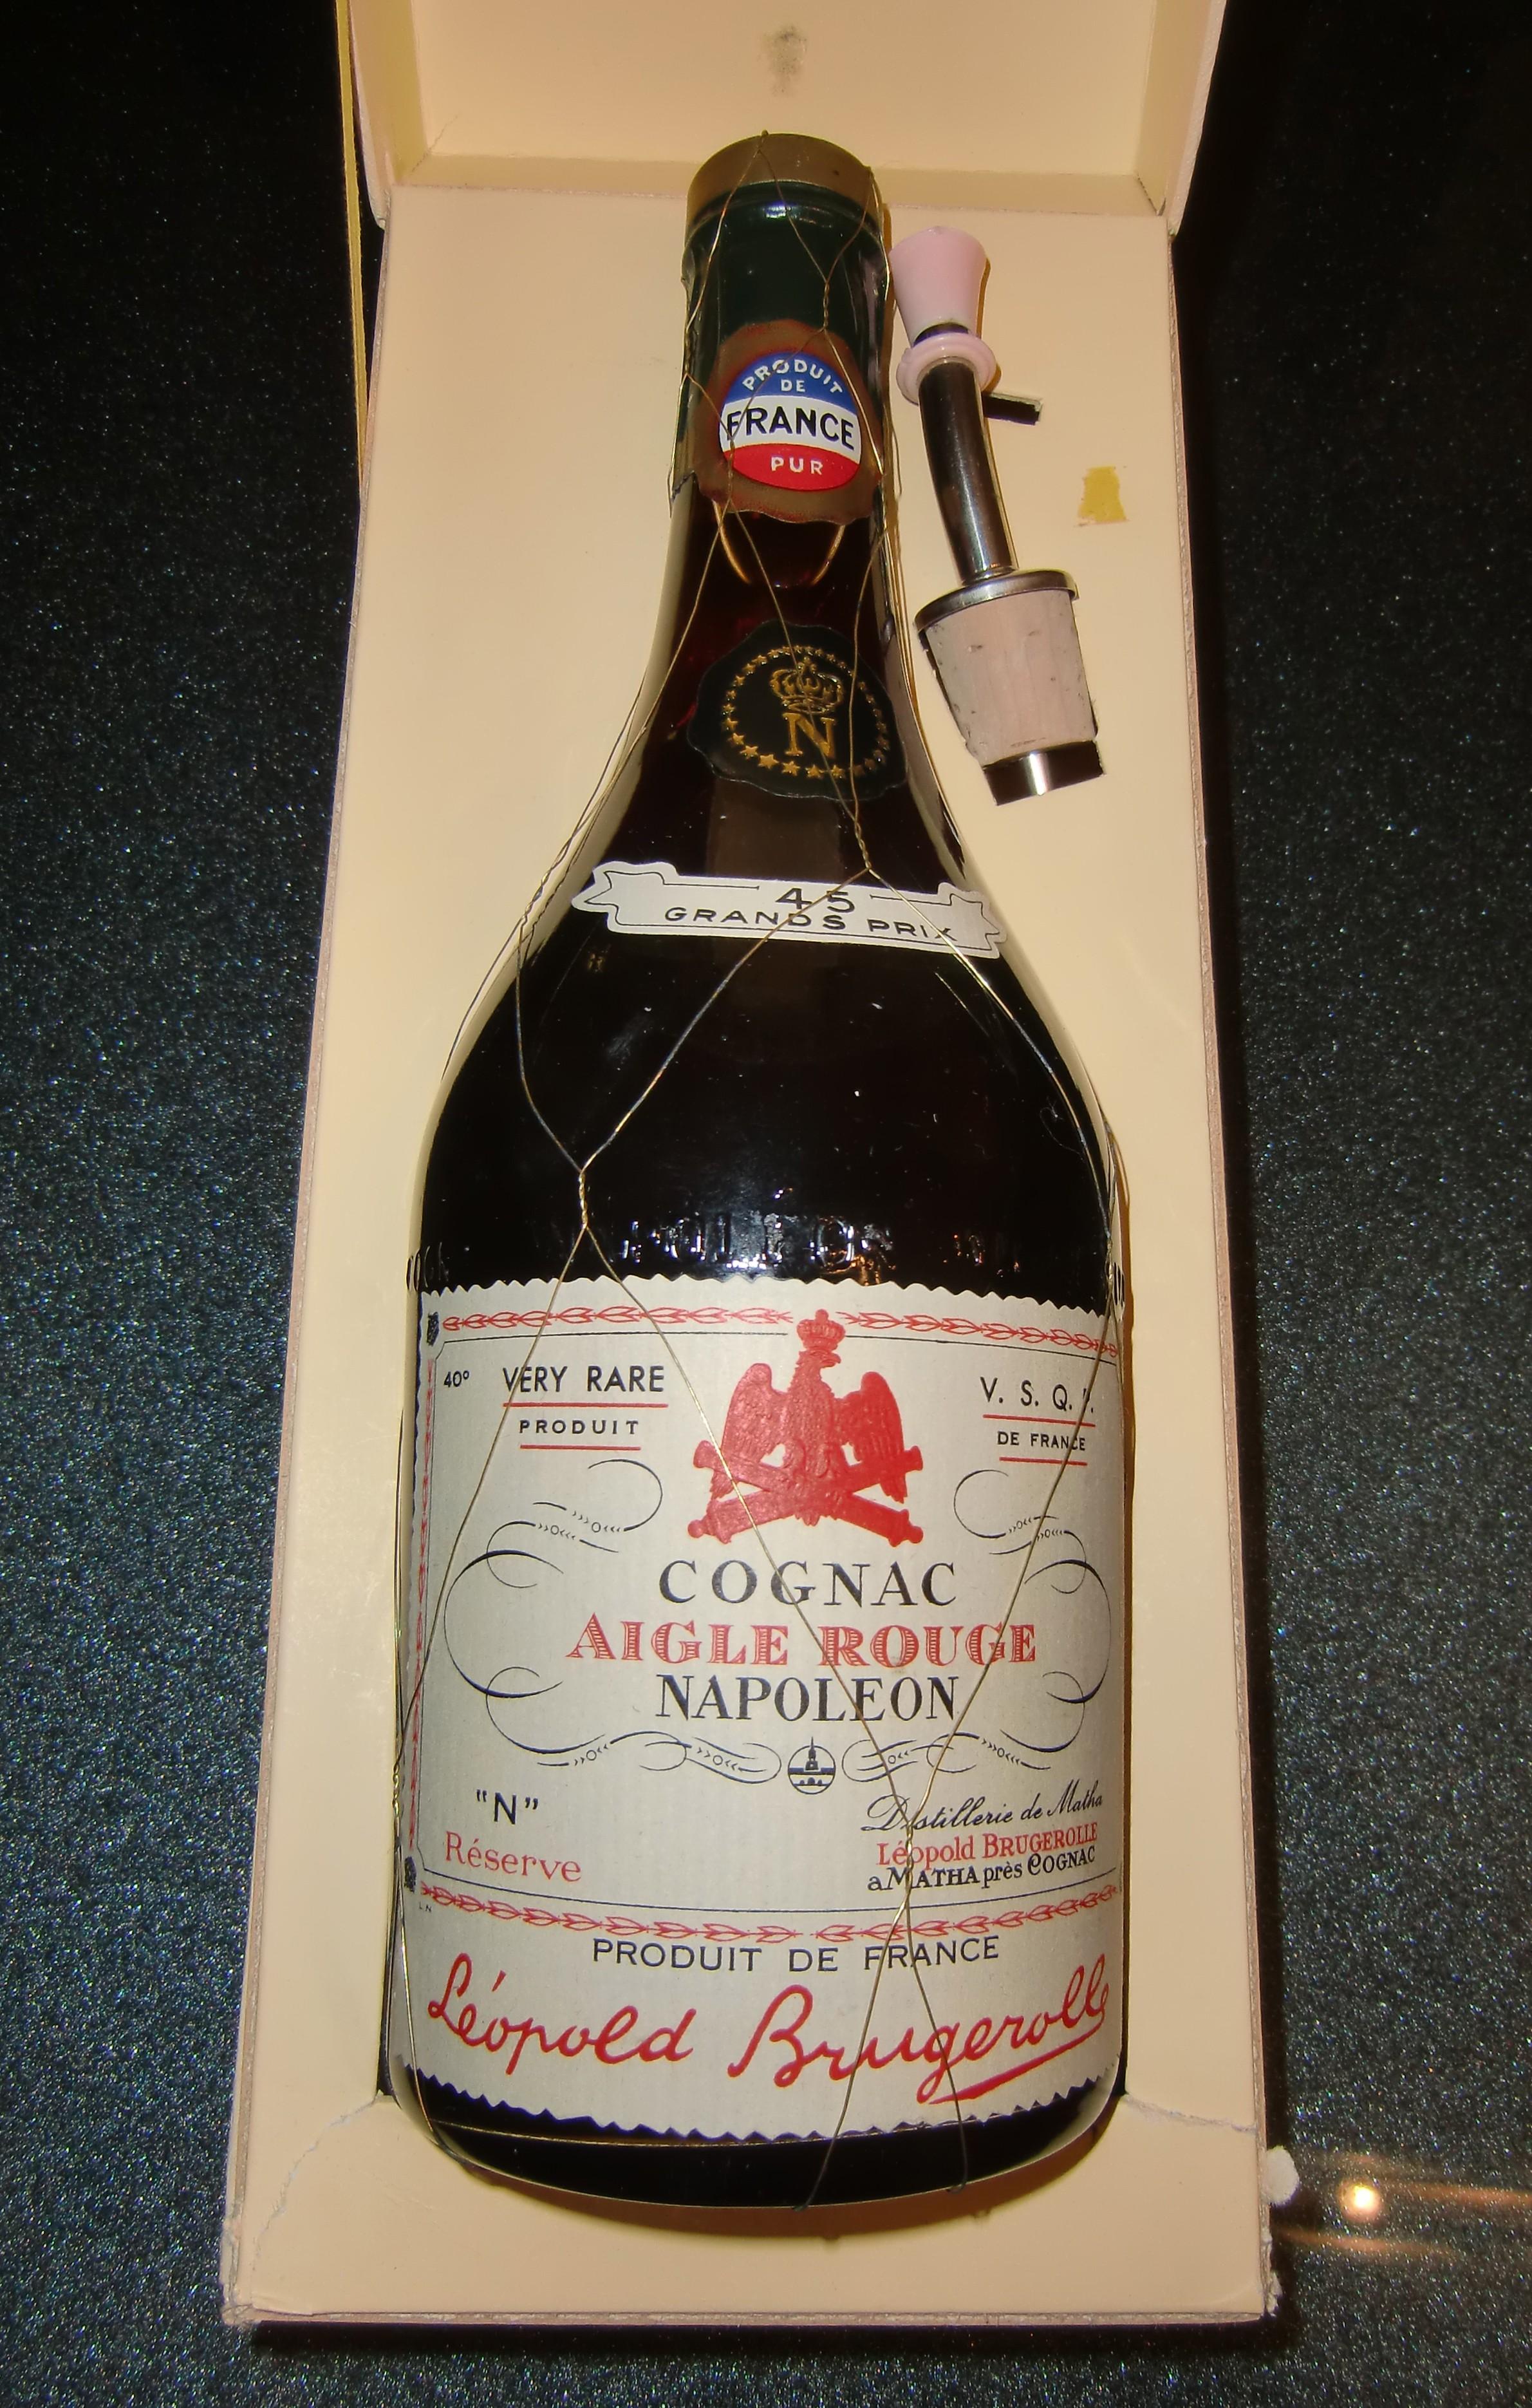 Brugerolle Napoleon Cognac